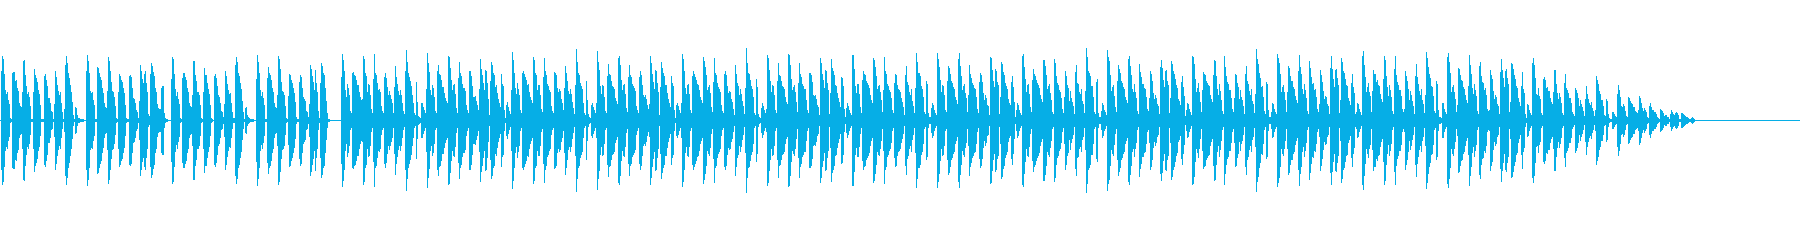 リコーダーとチューバでほのぼの、のんびりの再生済みの波形